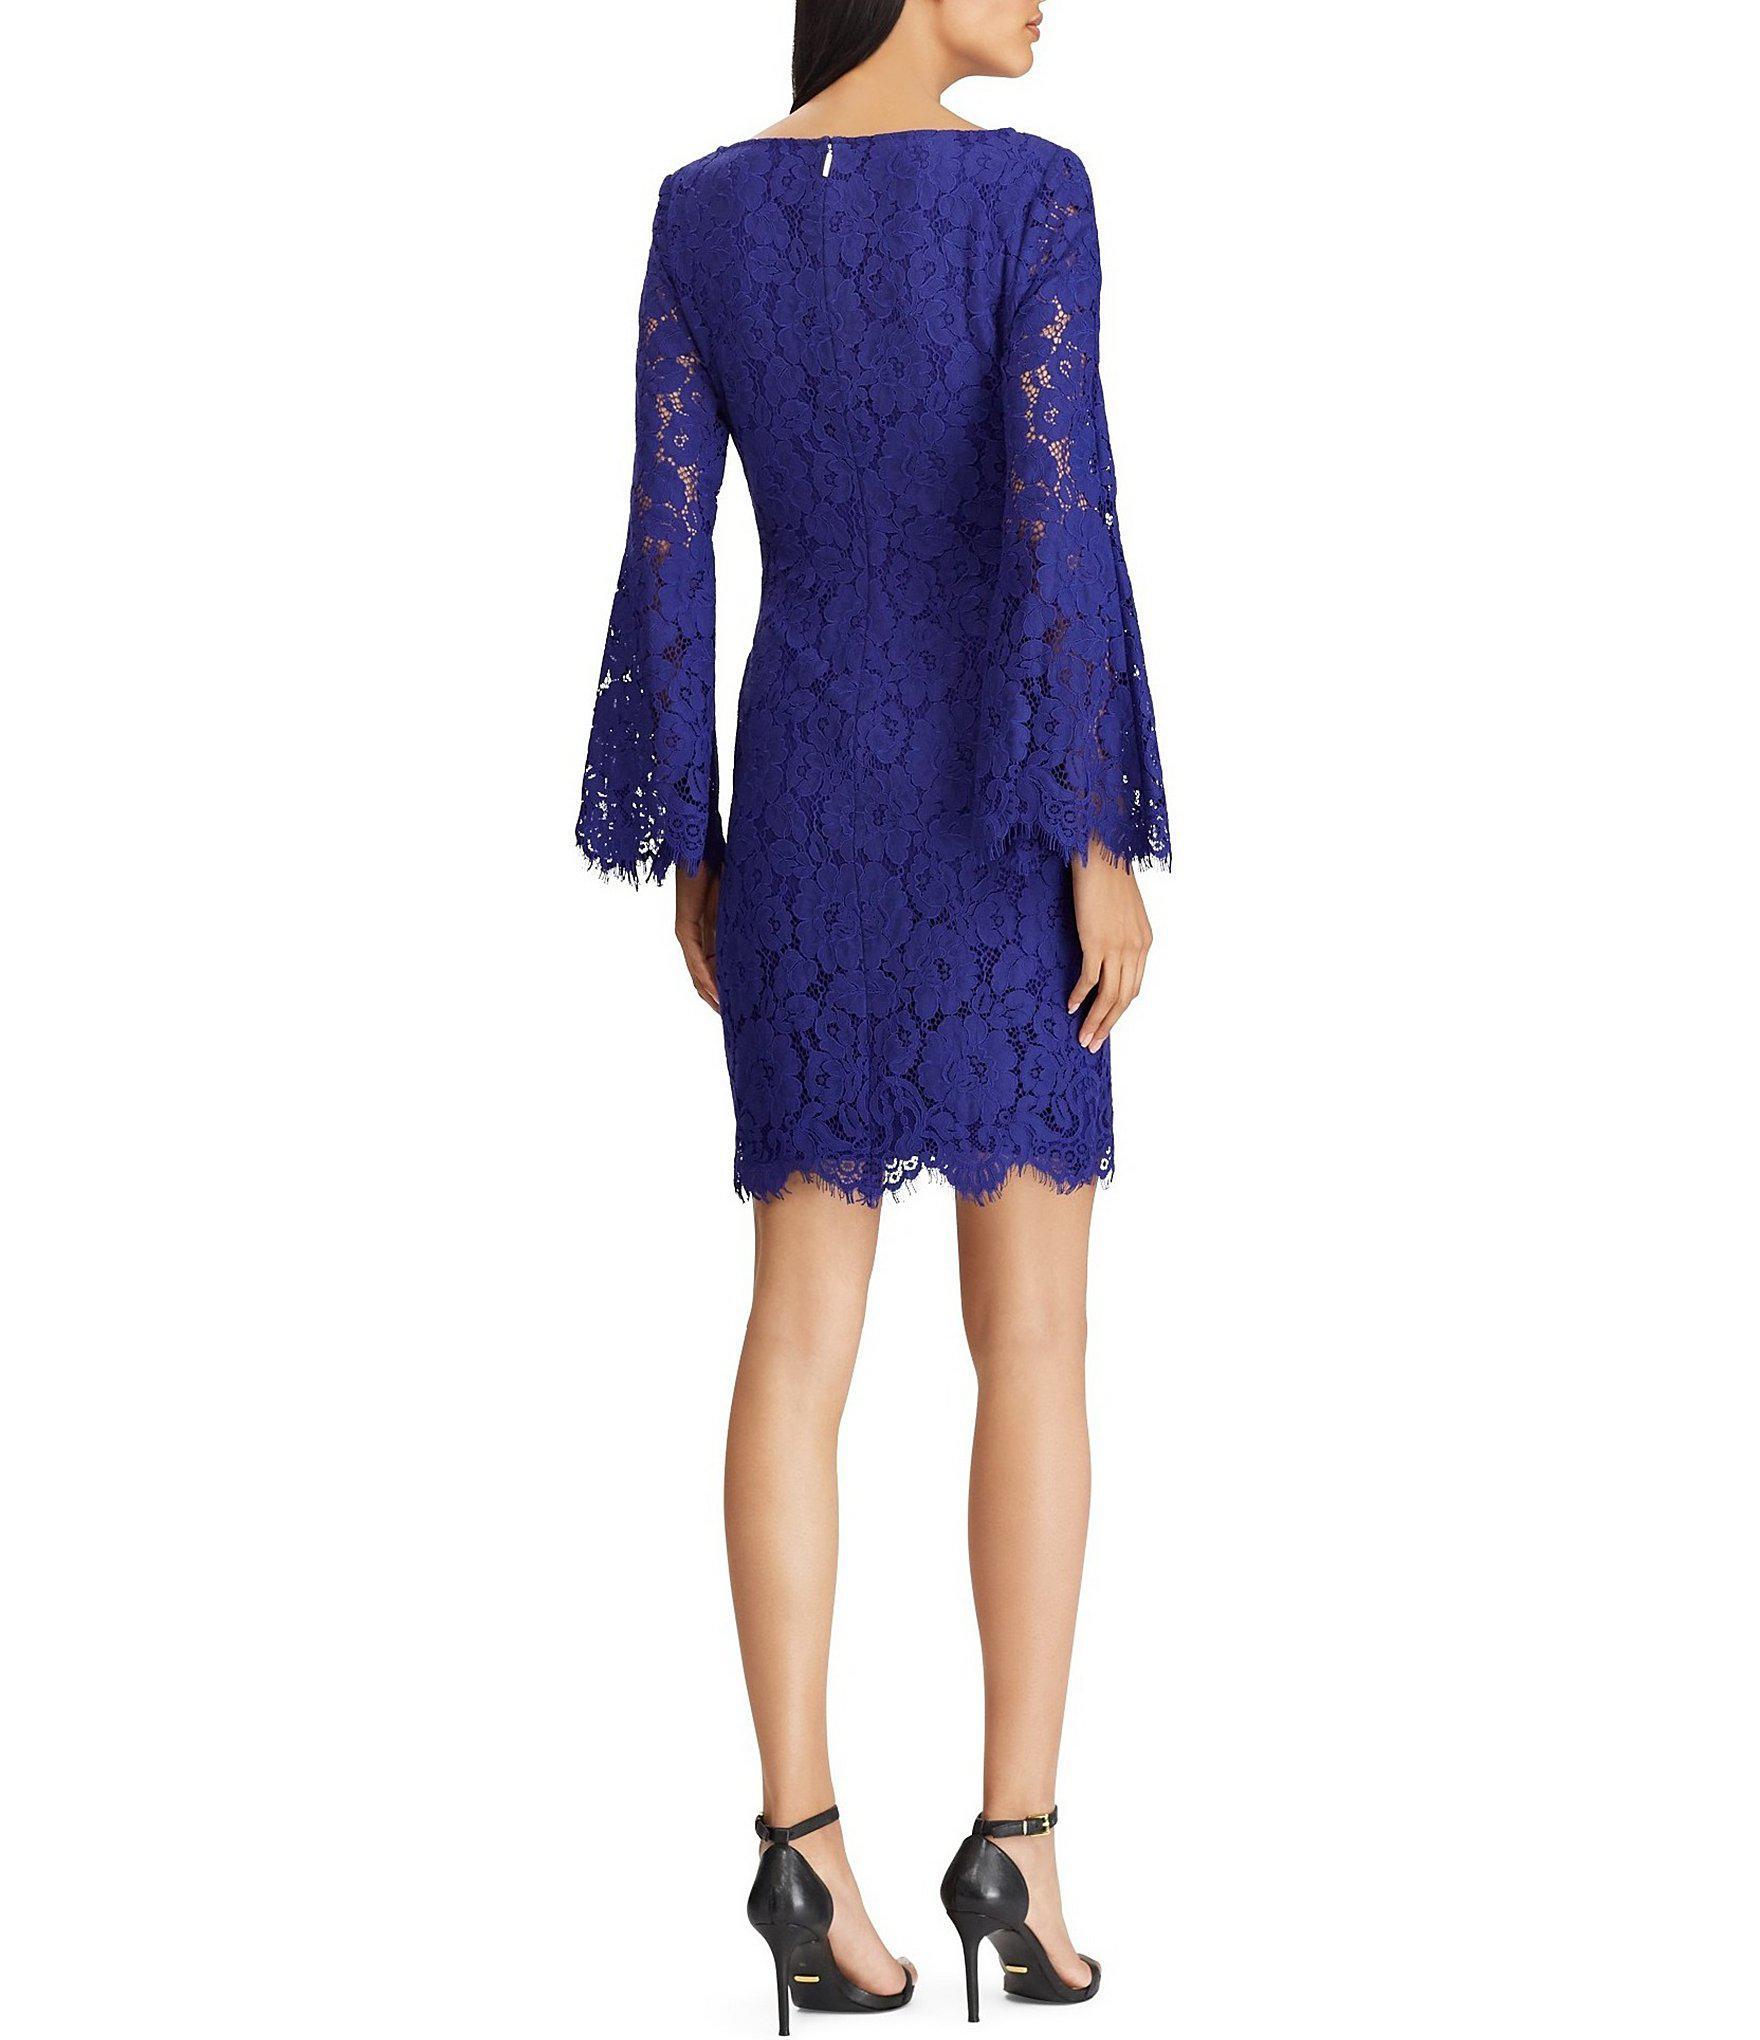 9d3ca934546 Lauren by Ralph Lauren - Blue Lace Bell Sleeve V-neck Sheath Dress - Lyst.  View fullscreen